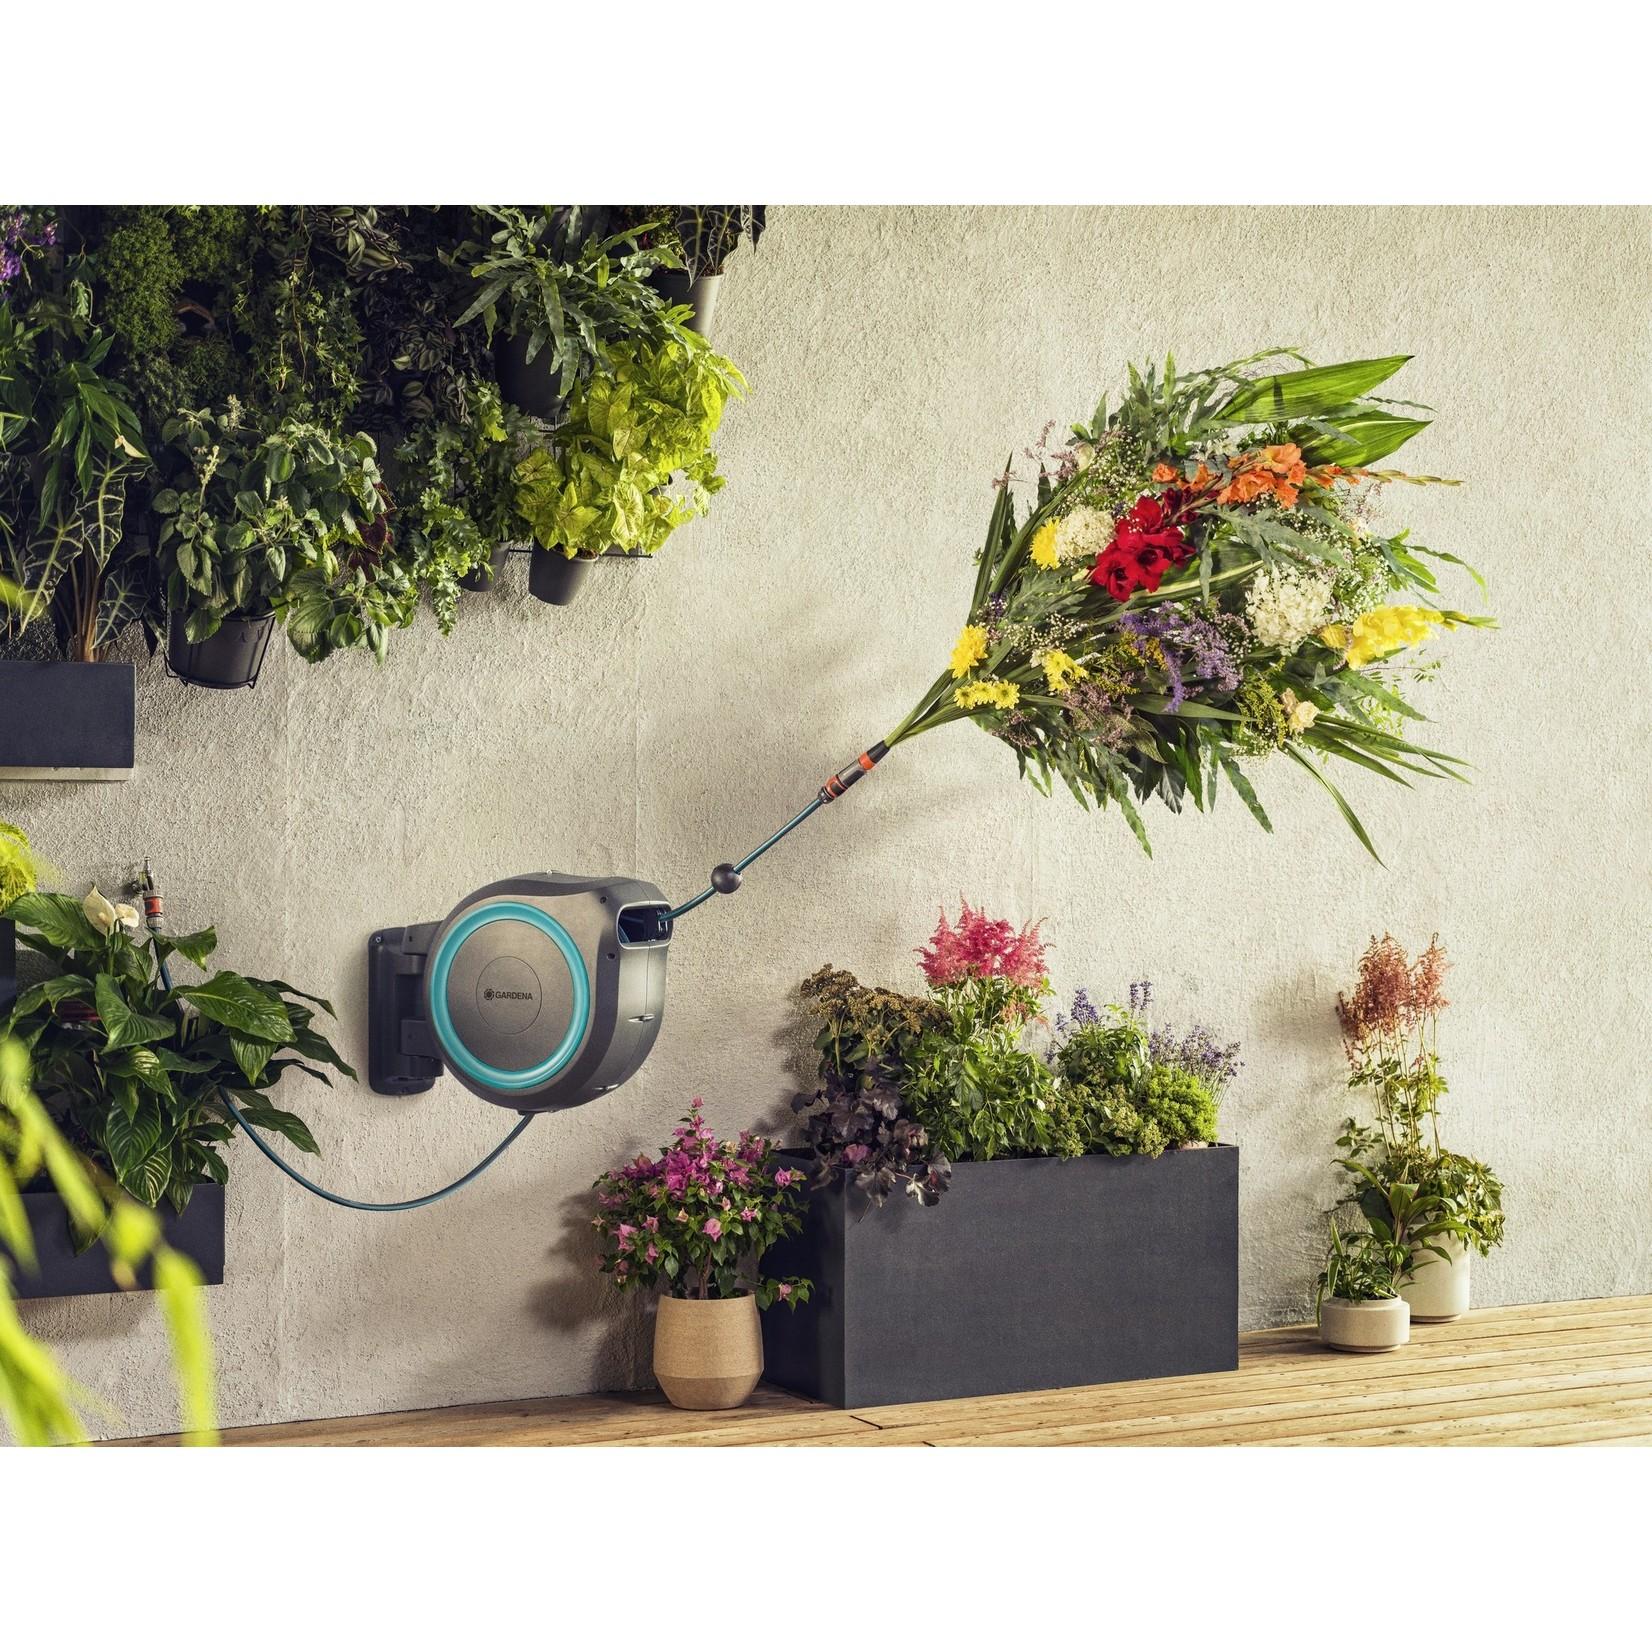 Gardena Gardena Wandslangenbox 35 RollUp XL